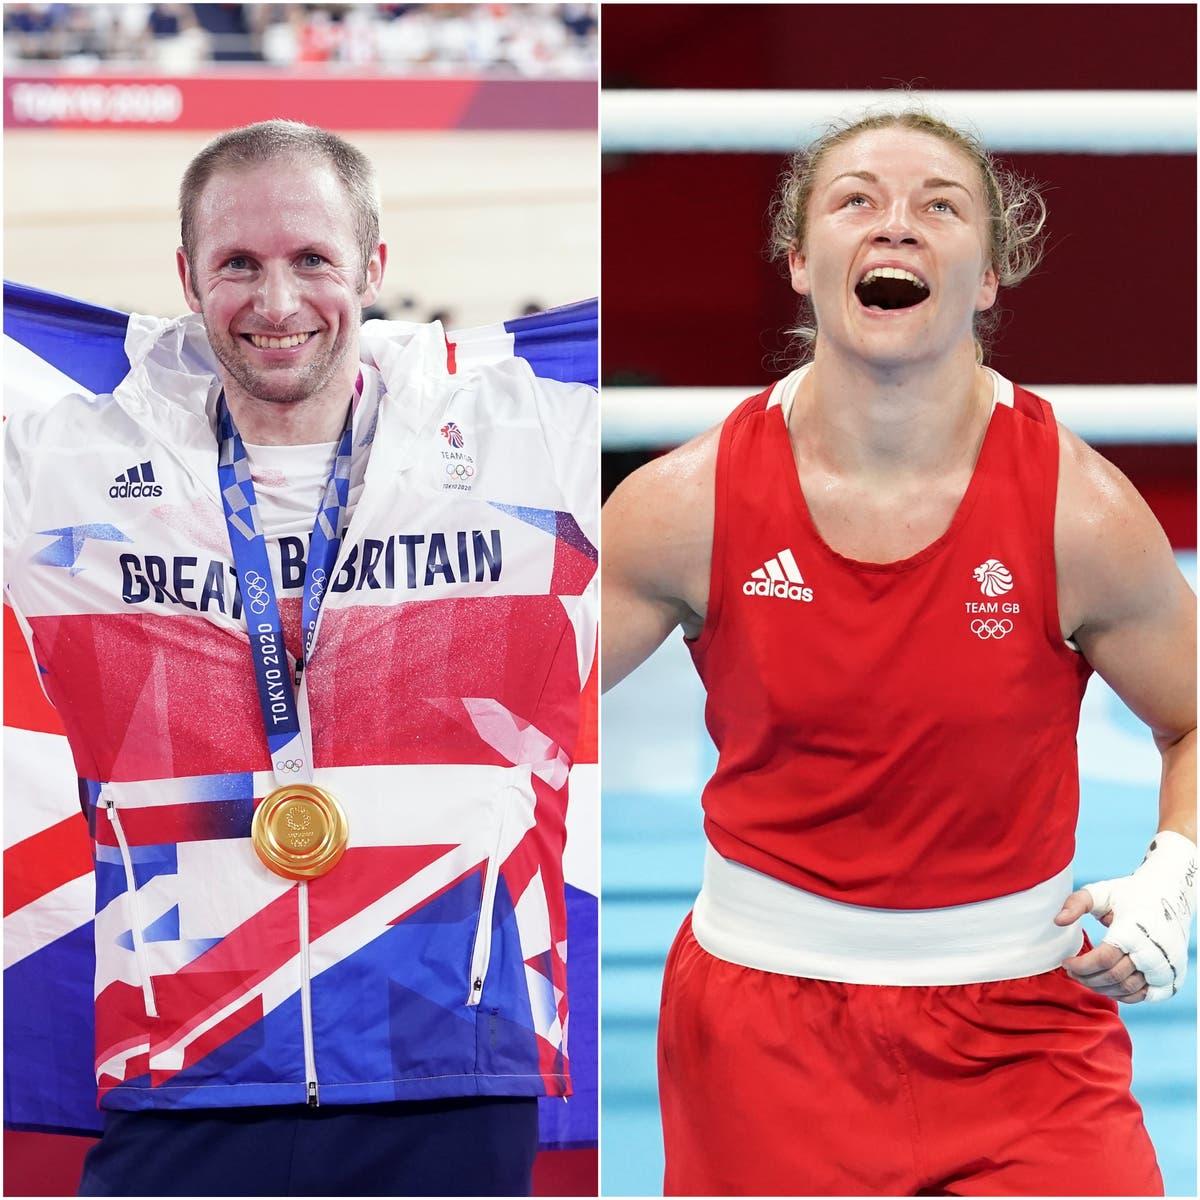 Jason Kenny en Lauren Price behaal goud as die totale GB -span 65 medaljes in Tokio 2020